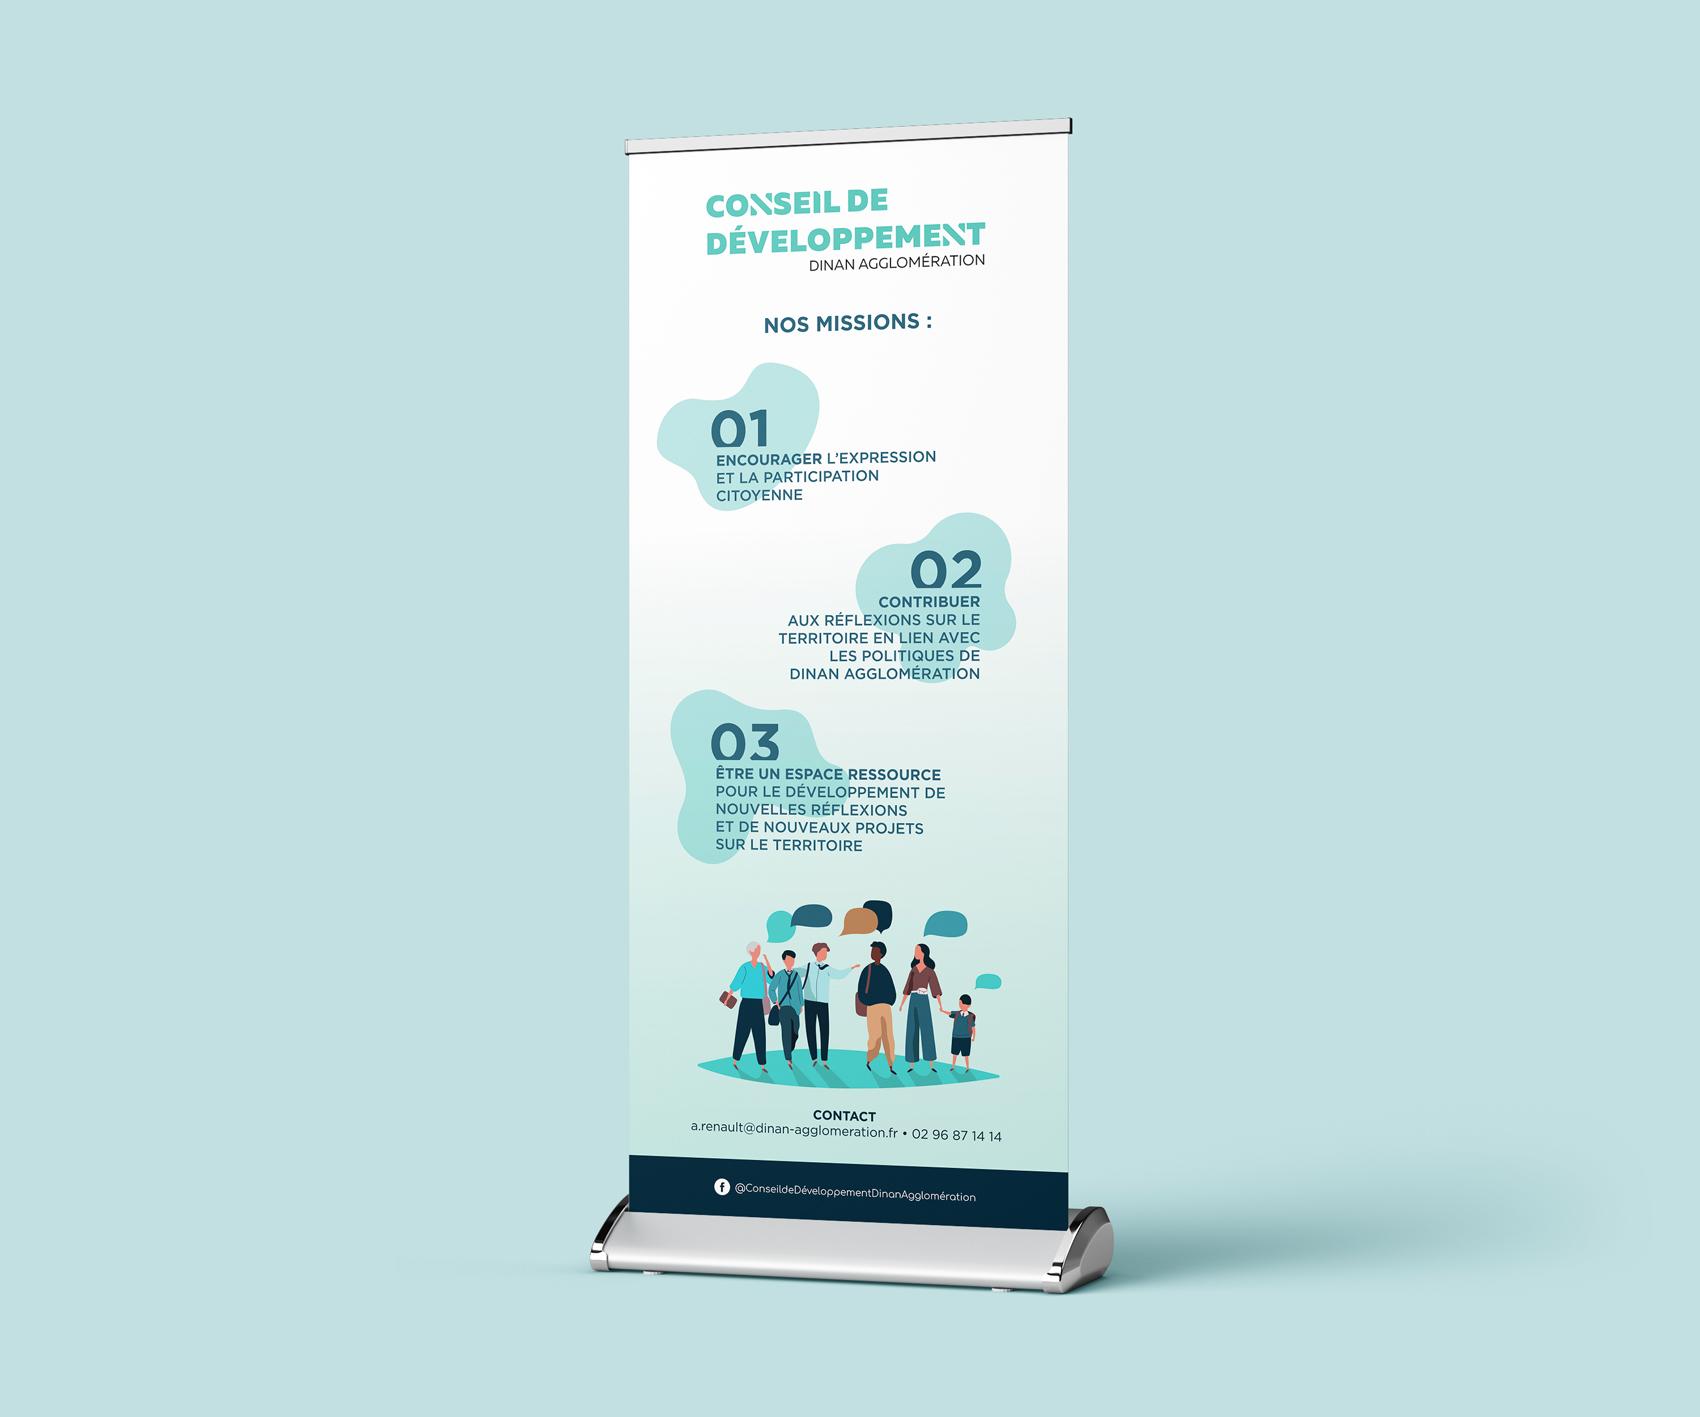 """Création d'un kakémono """"institutionnel"""" destiné à être installé à l'entrée de la salle lors de la Soirée Débat. Intérêt : informer sur les missions du Conseil de Développement Économique."""